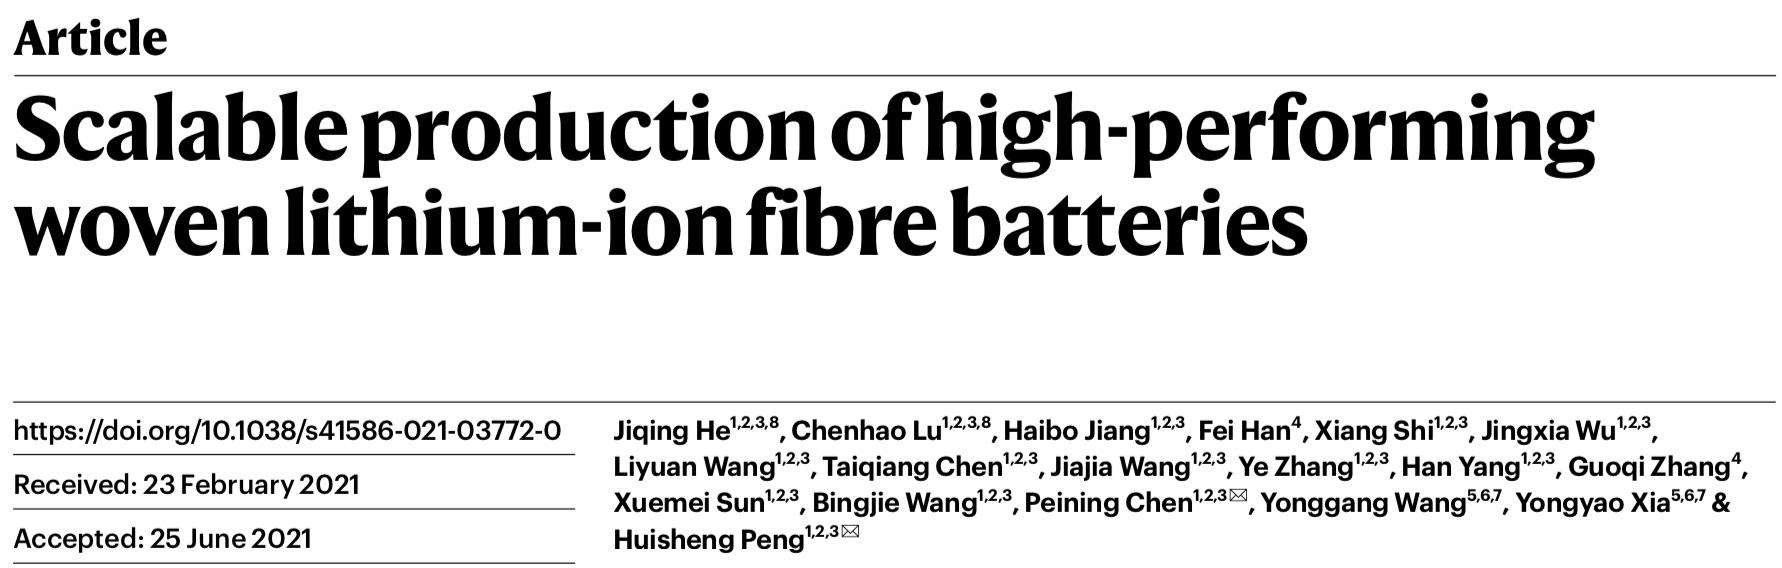 半年内两篇《自然》!复旦彭慧胜团队织出能穿的高性能锂电池_科技湃_澎湃新闻-The Paper